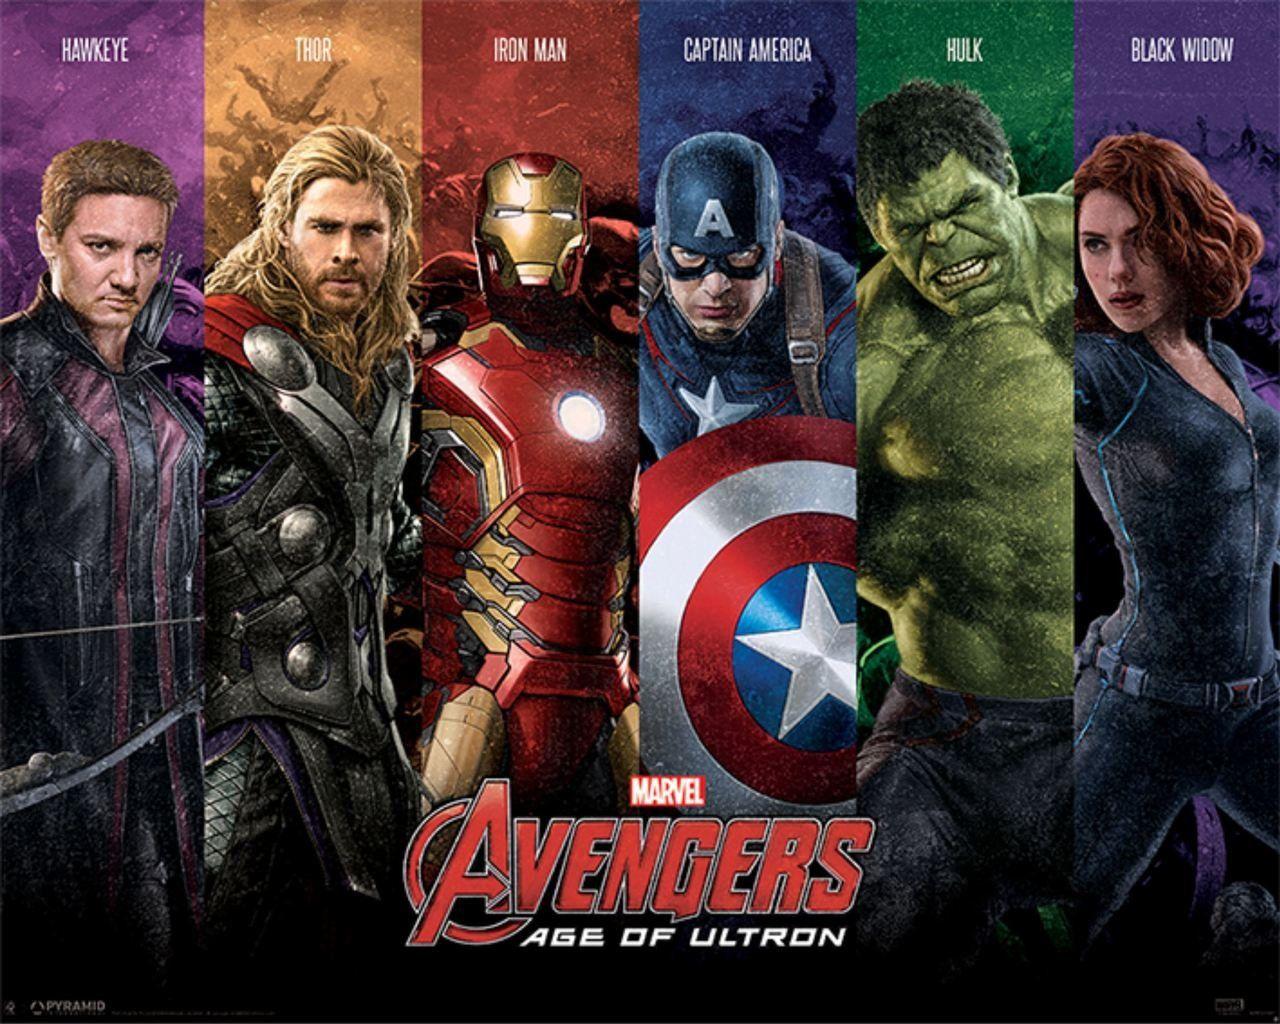 Quadro Vingadores: Era de Ultron (Avengers: Age of